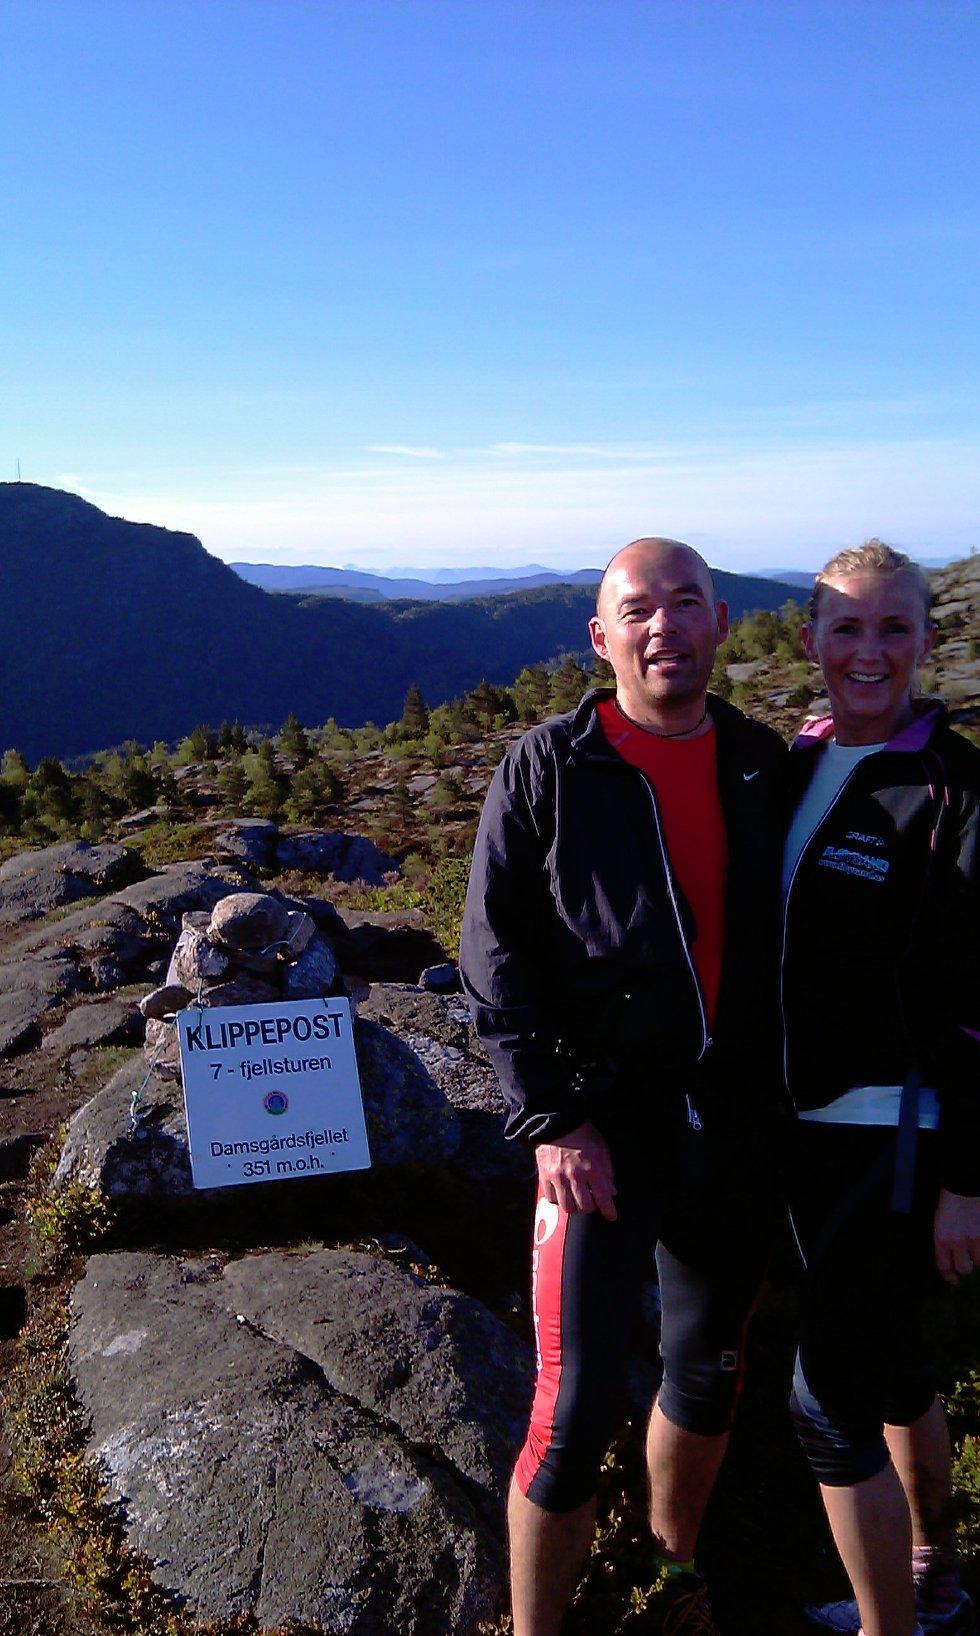 Søskene Knut Øivind Børø og Vibeke Børø Fløysand går 7 fjellsturen.              (Foto: Leserbilde)